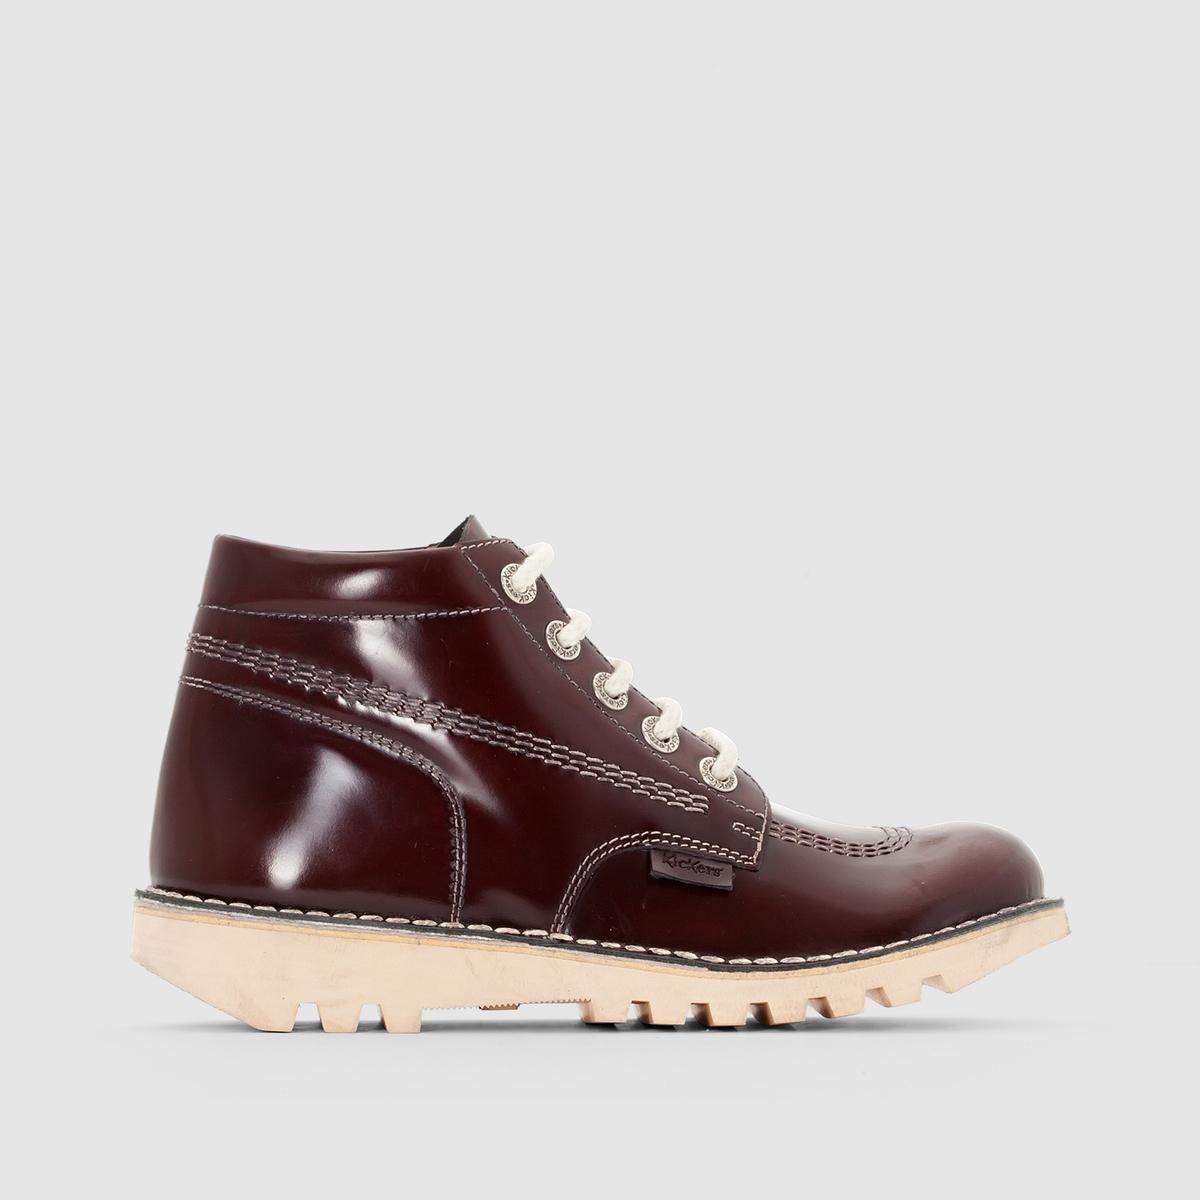 Ботильоны из кожи на шнуровке NeorallyeВерх/ Голенище : Кожа      Подкладка : Спилок кожи      Стелька : Спилок кожи Подошва : каучук.     Высота каблука : 2,5 см.     Высота голенища : 9 см.     Застежка : шнуровка.<br><br>Цвет: бордовый<br>Размер: 40